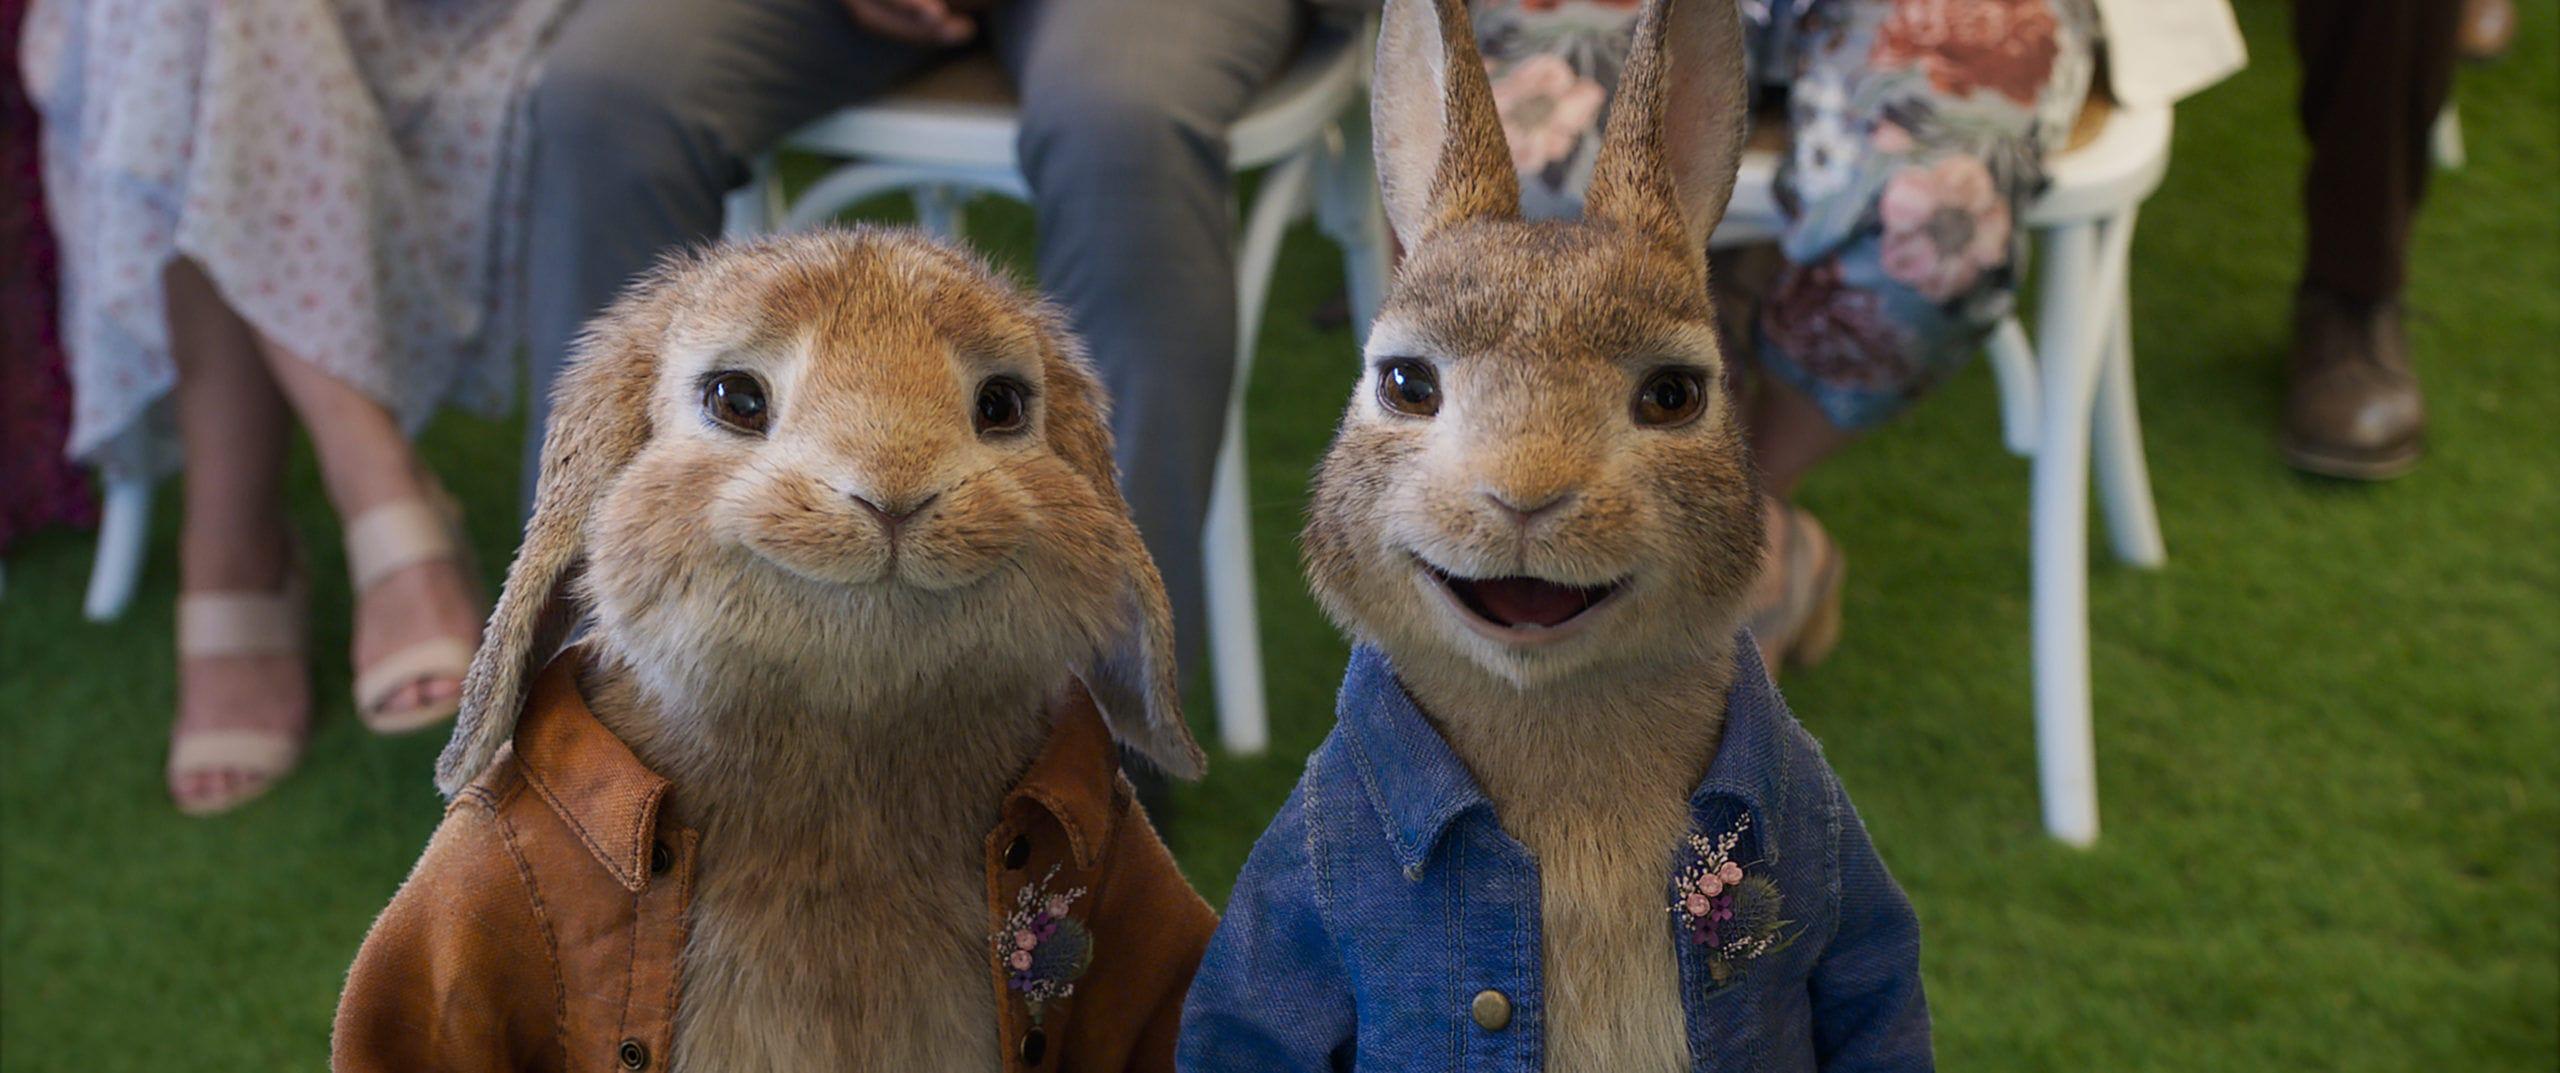 peter-rabbit-2-the-runaway cinemas re-open